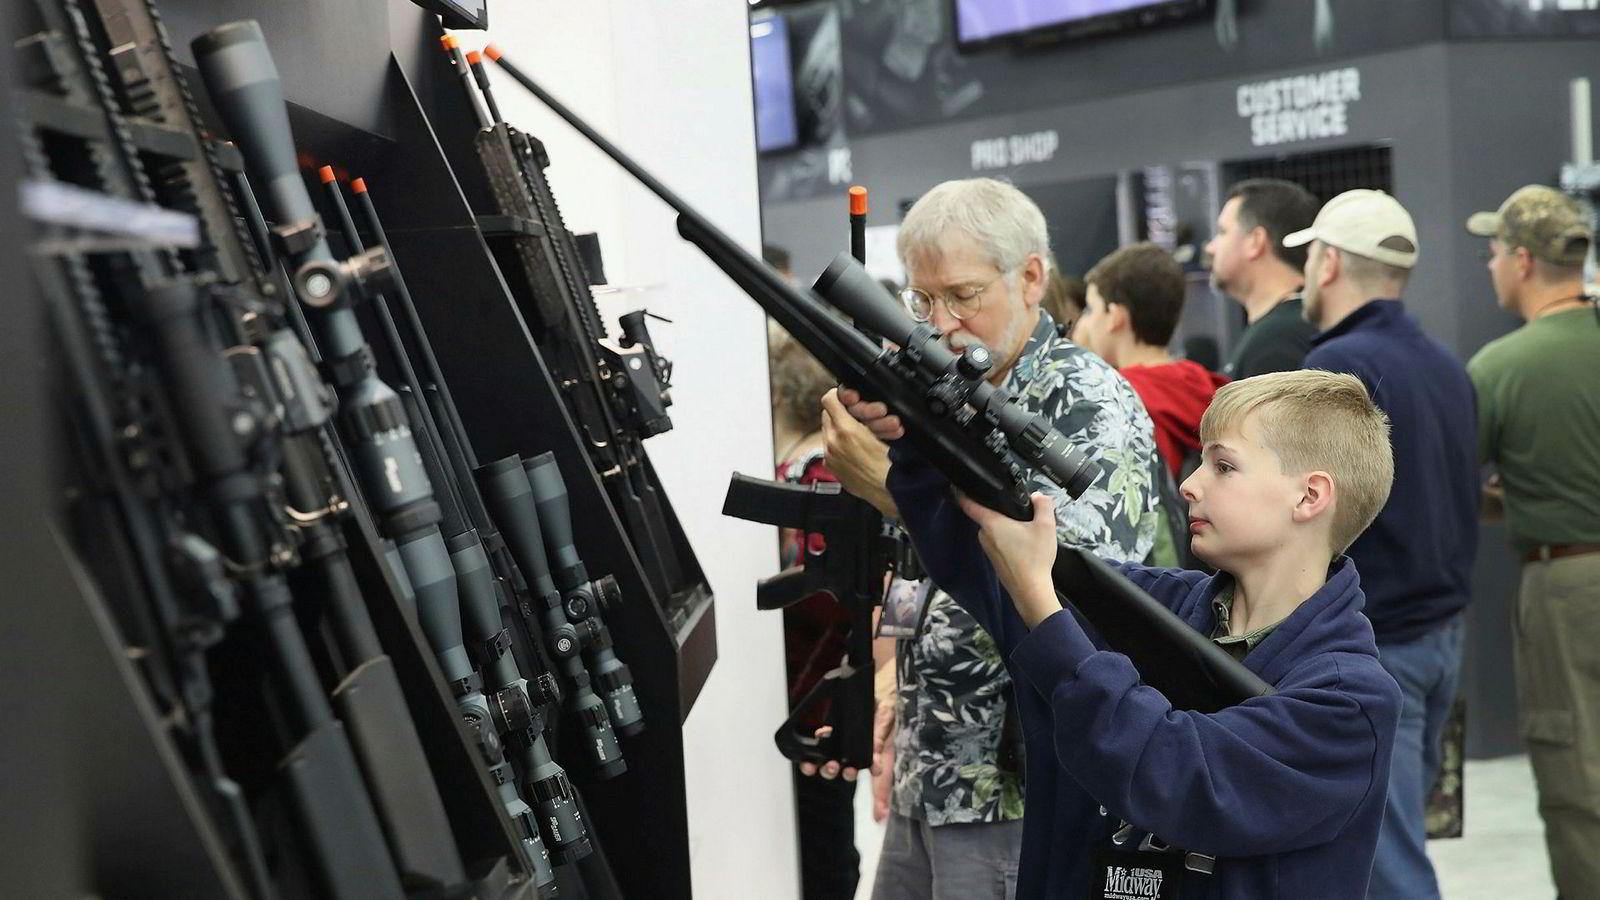 Den amerikanske våpenlobbyen National Rifle Association (NRA) avviser strengere våpenlover.